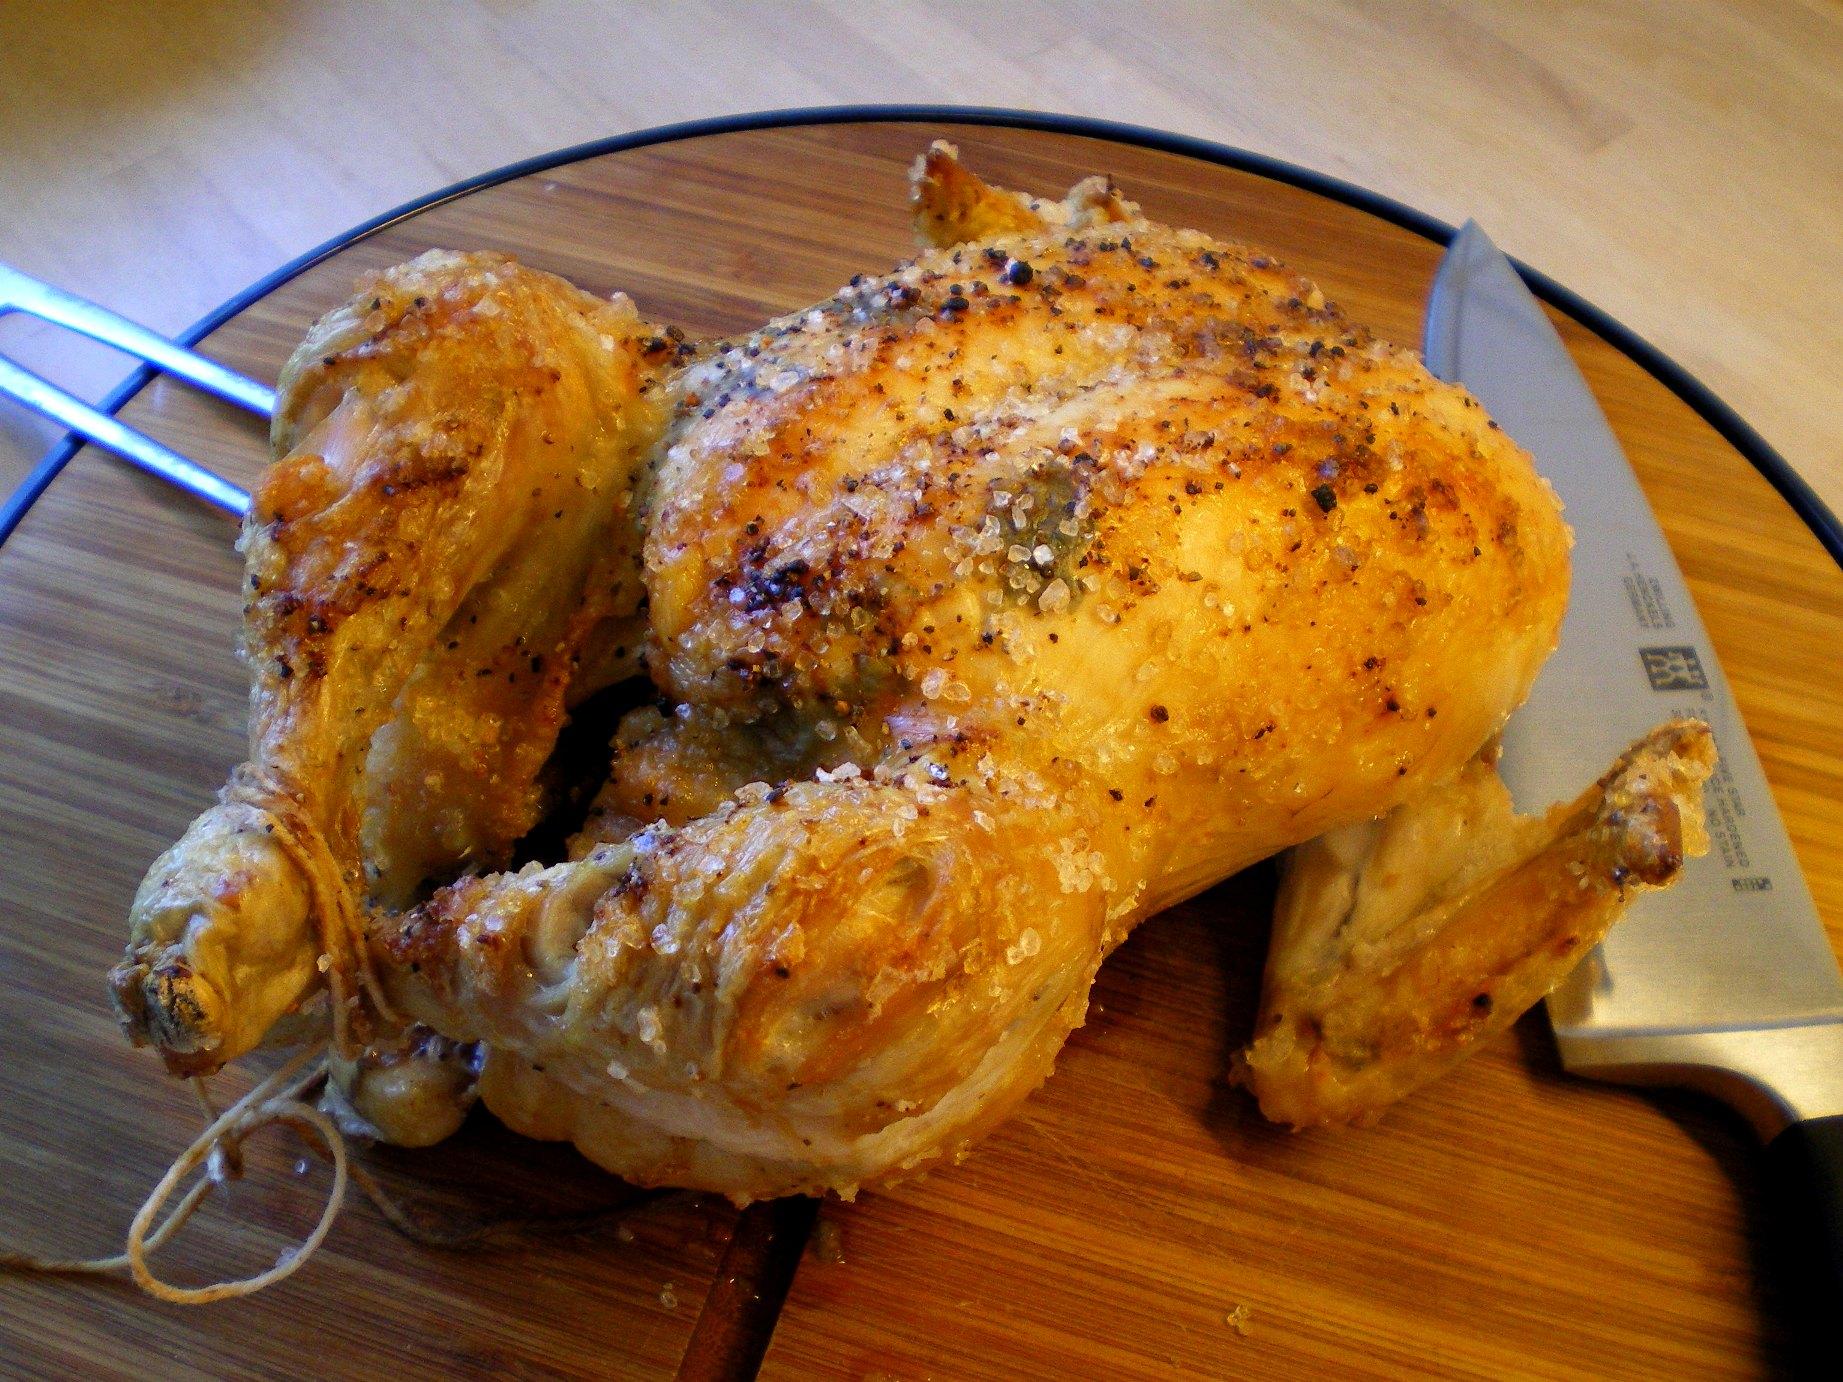 stegning af hel kylling